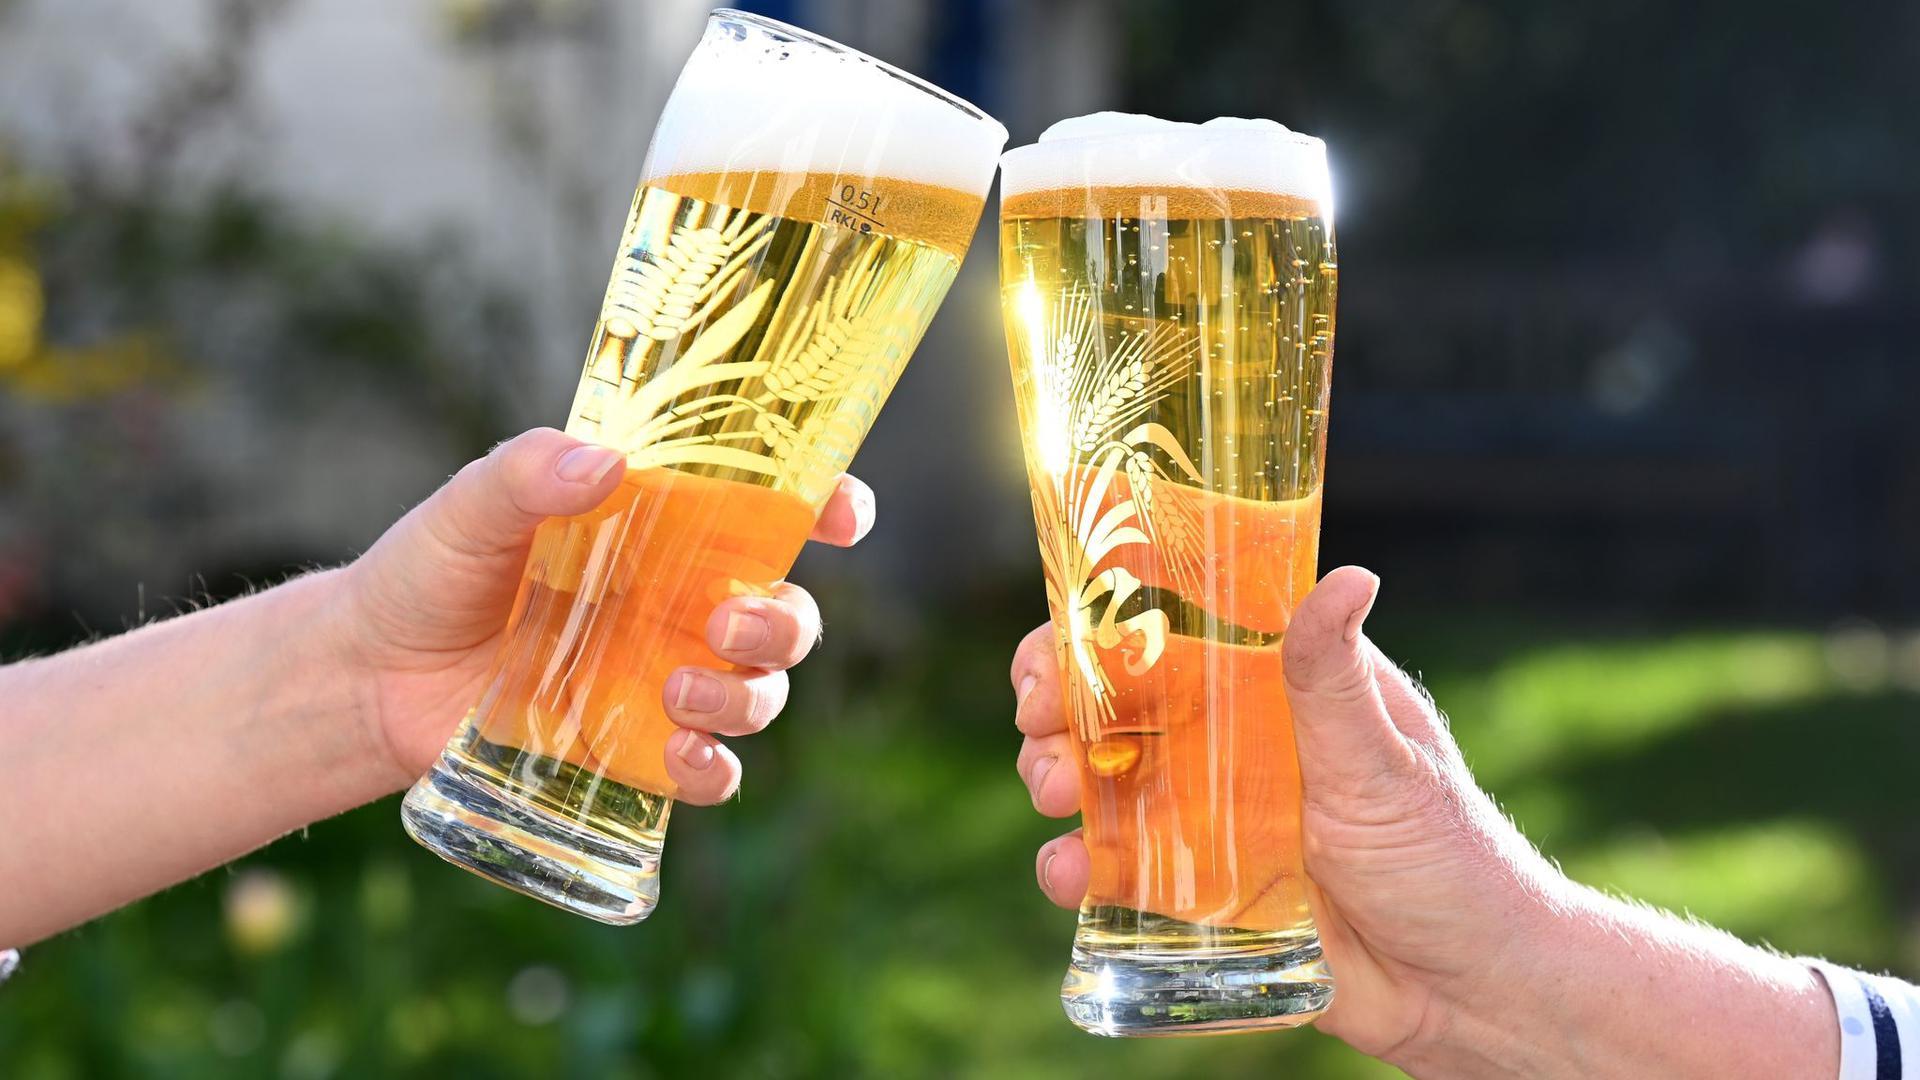 Das Statistische Bundesamt hat Zahlen zum Bierabsatz im ersten Halbjahr 2021 veröffentlicht.